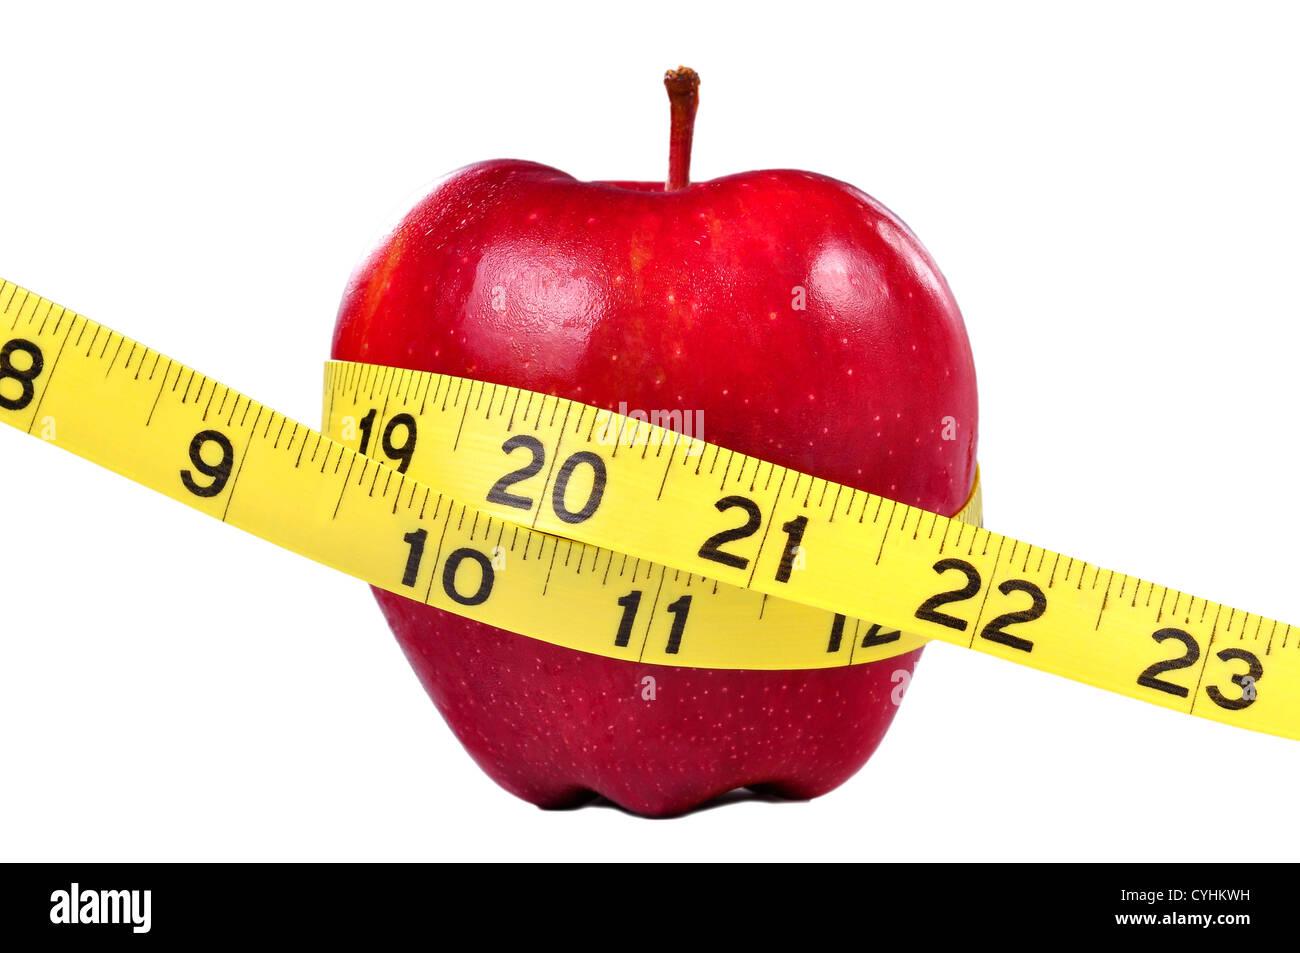 Apple rosso e giallo nastro di misurazione per simboleggiare una sana Dieta e controllo del peso corporeo. Immagini Stock